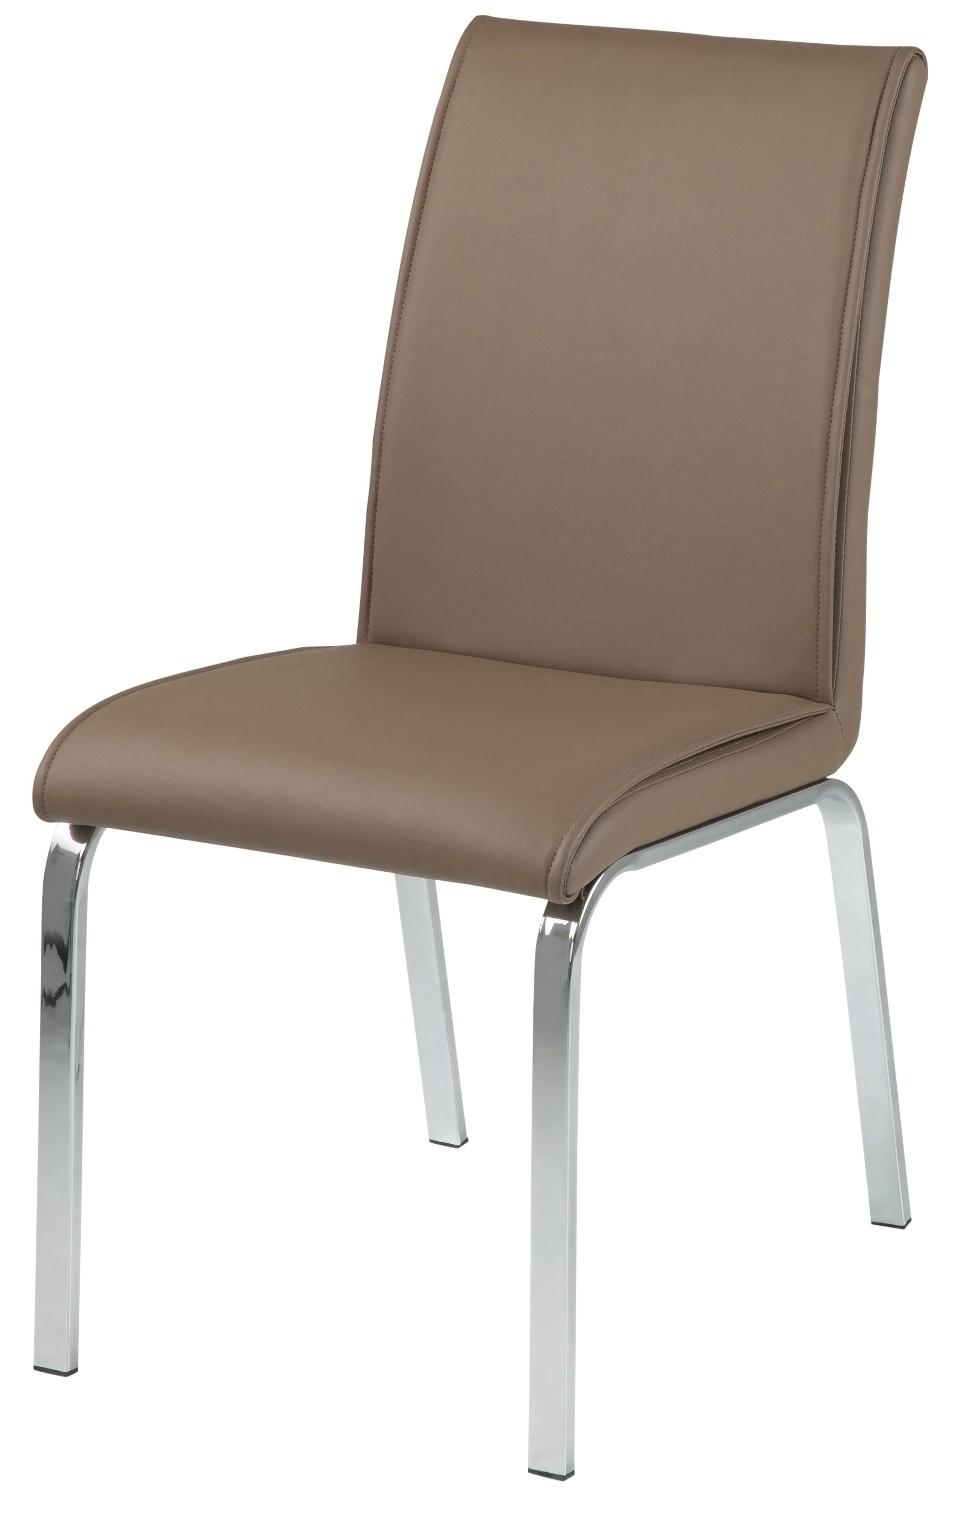 24designs stoelen kopen online internetwinkel for Design 24 stoelen